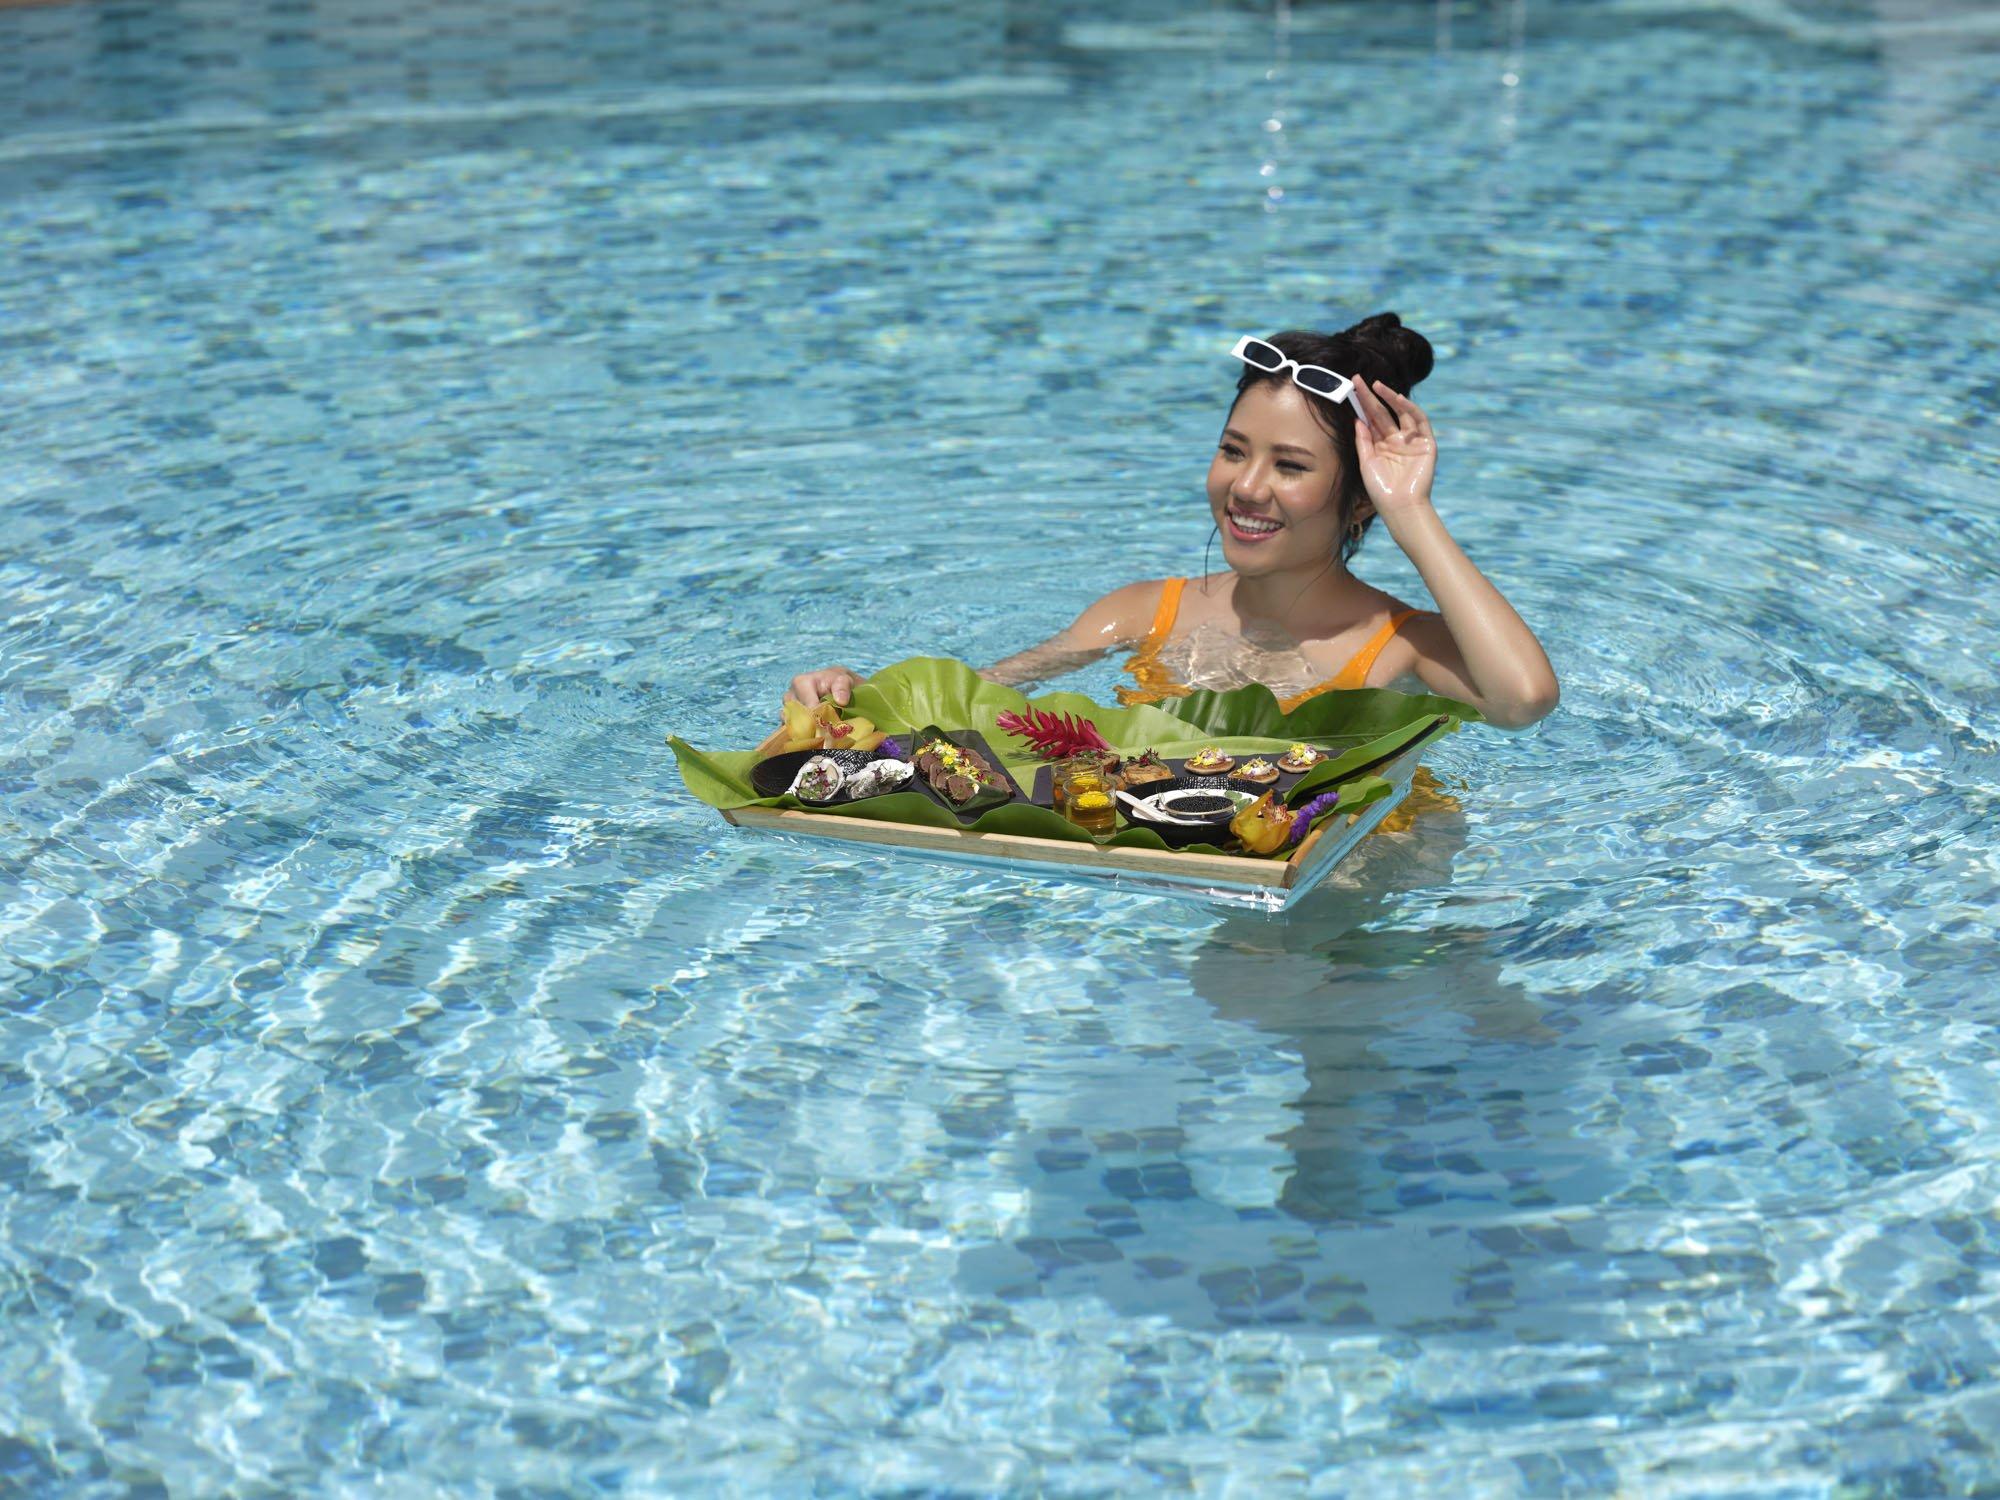 Intercontinental Singapore Hospitality Commercial Lifestyle Photoshoot Jose Jeuland 12